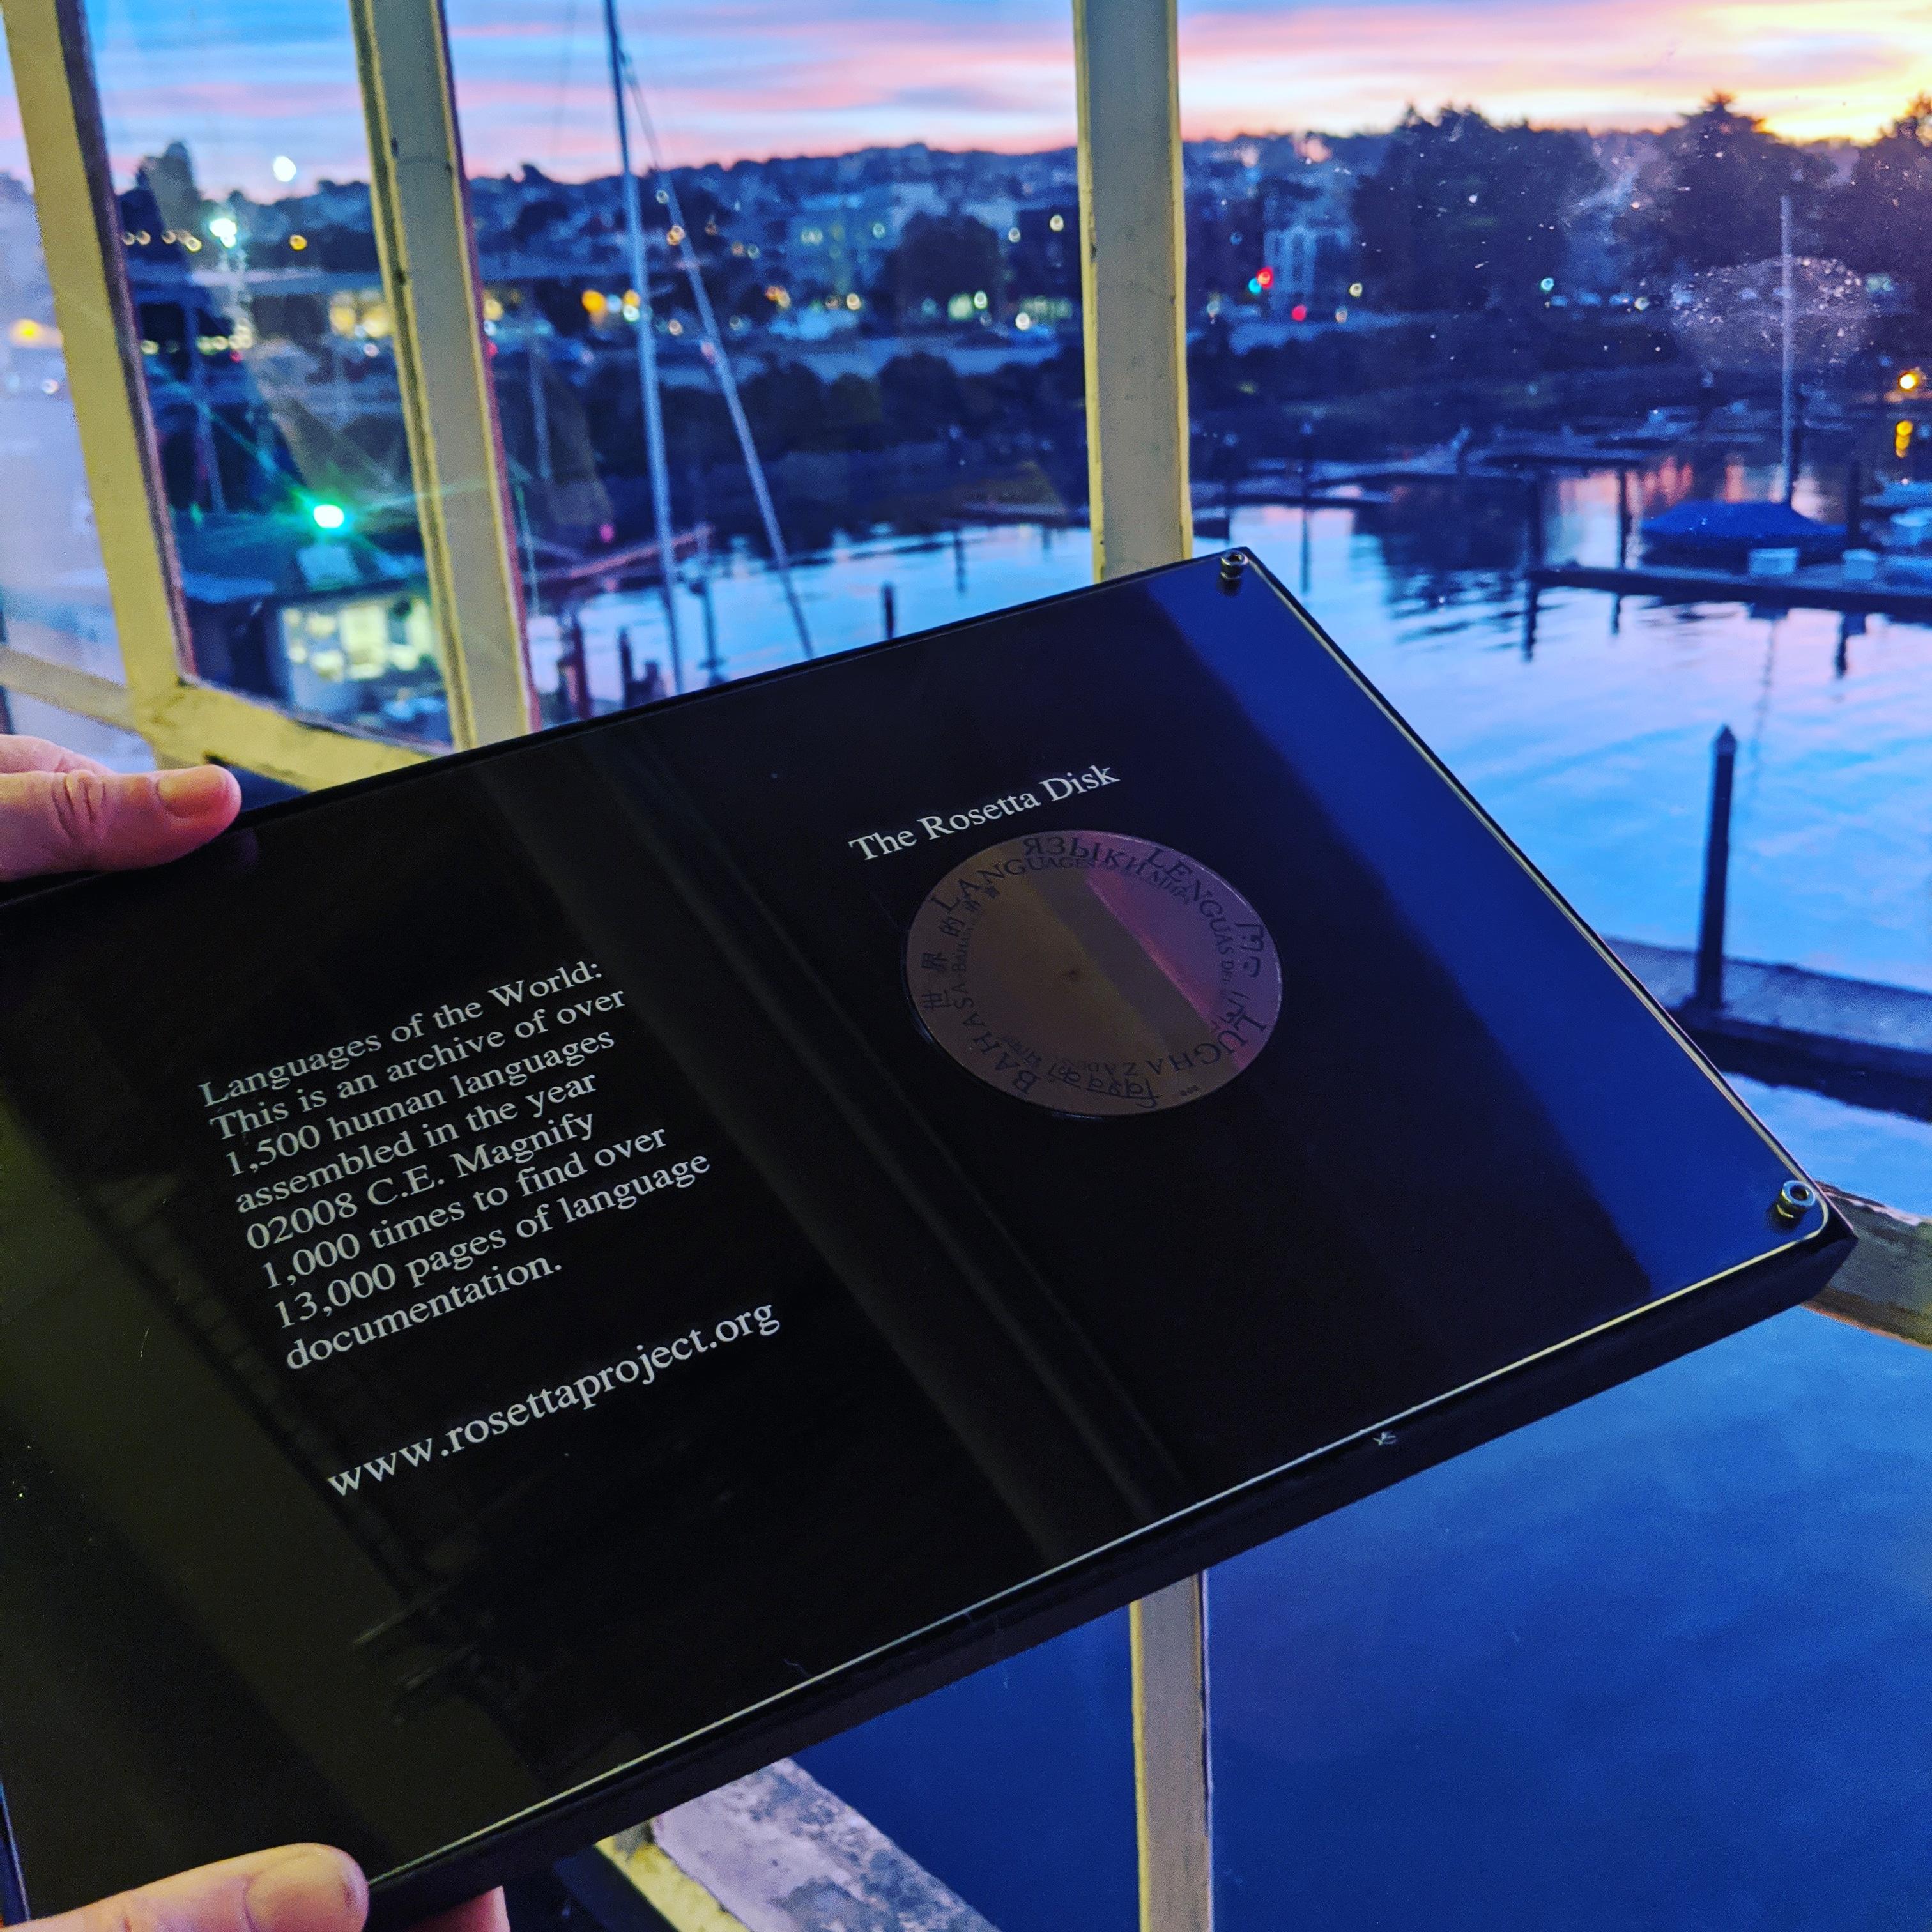 rosetta disk panlex sunset